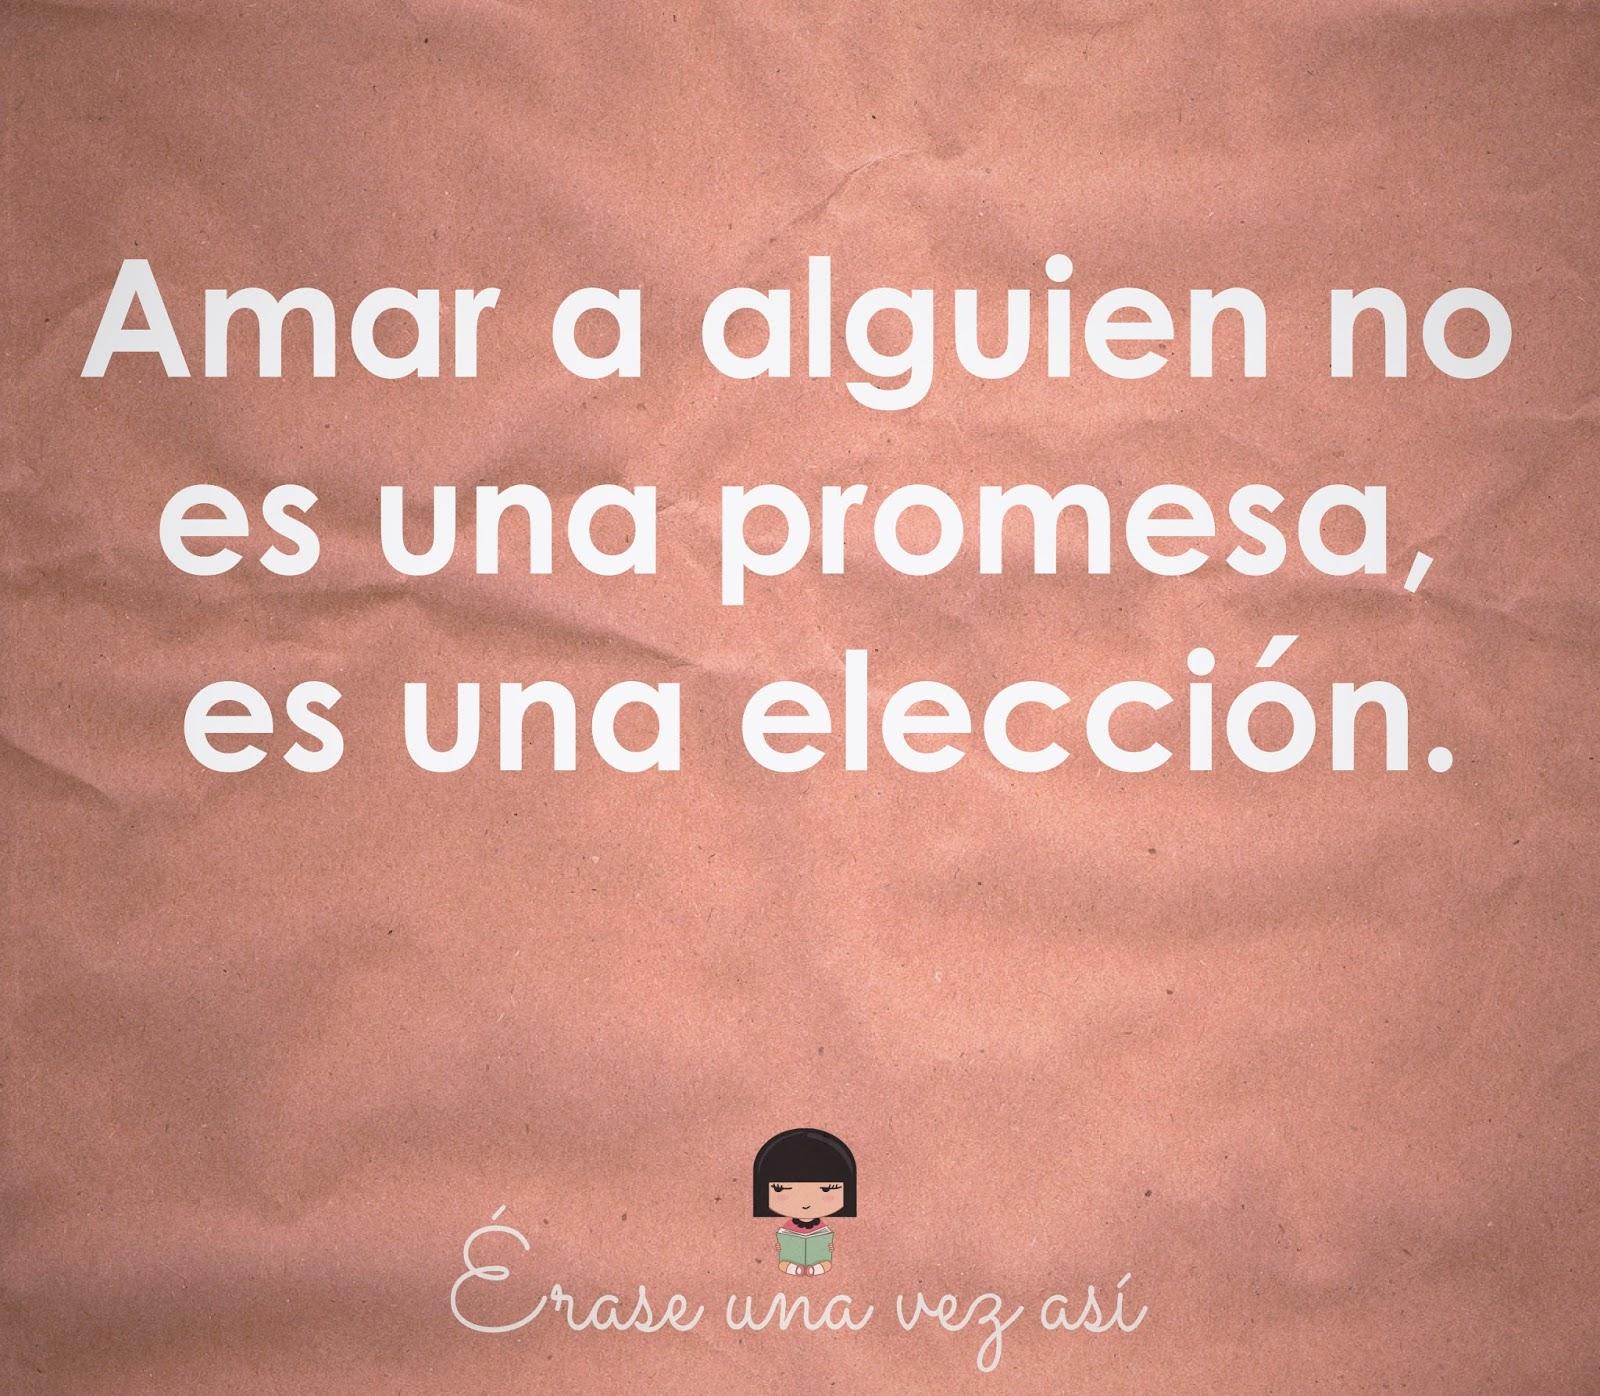 amar a alguien no es una promesa es una eleccion, frases de amor